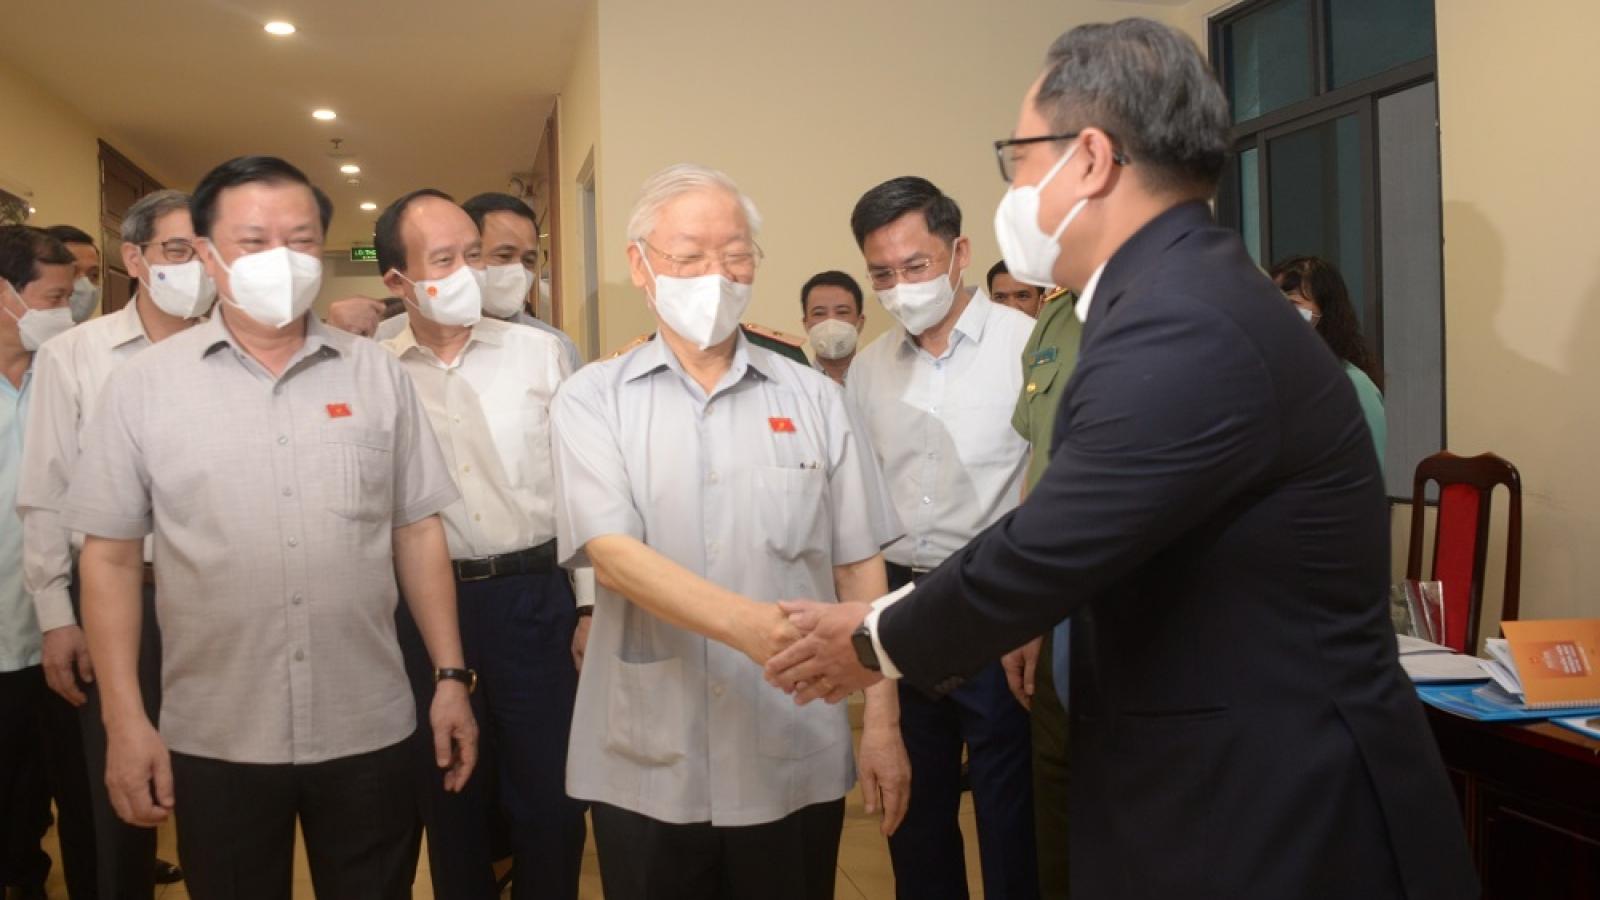 Tổng Bí thư Nguyễn Phú Trọng tiếp xúc cử tri trước Kỳ họp thứ 2 Quốc hội khoá 15